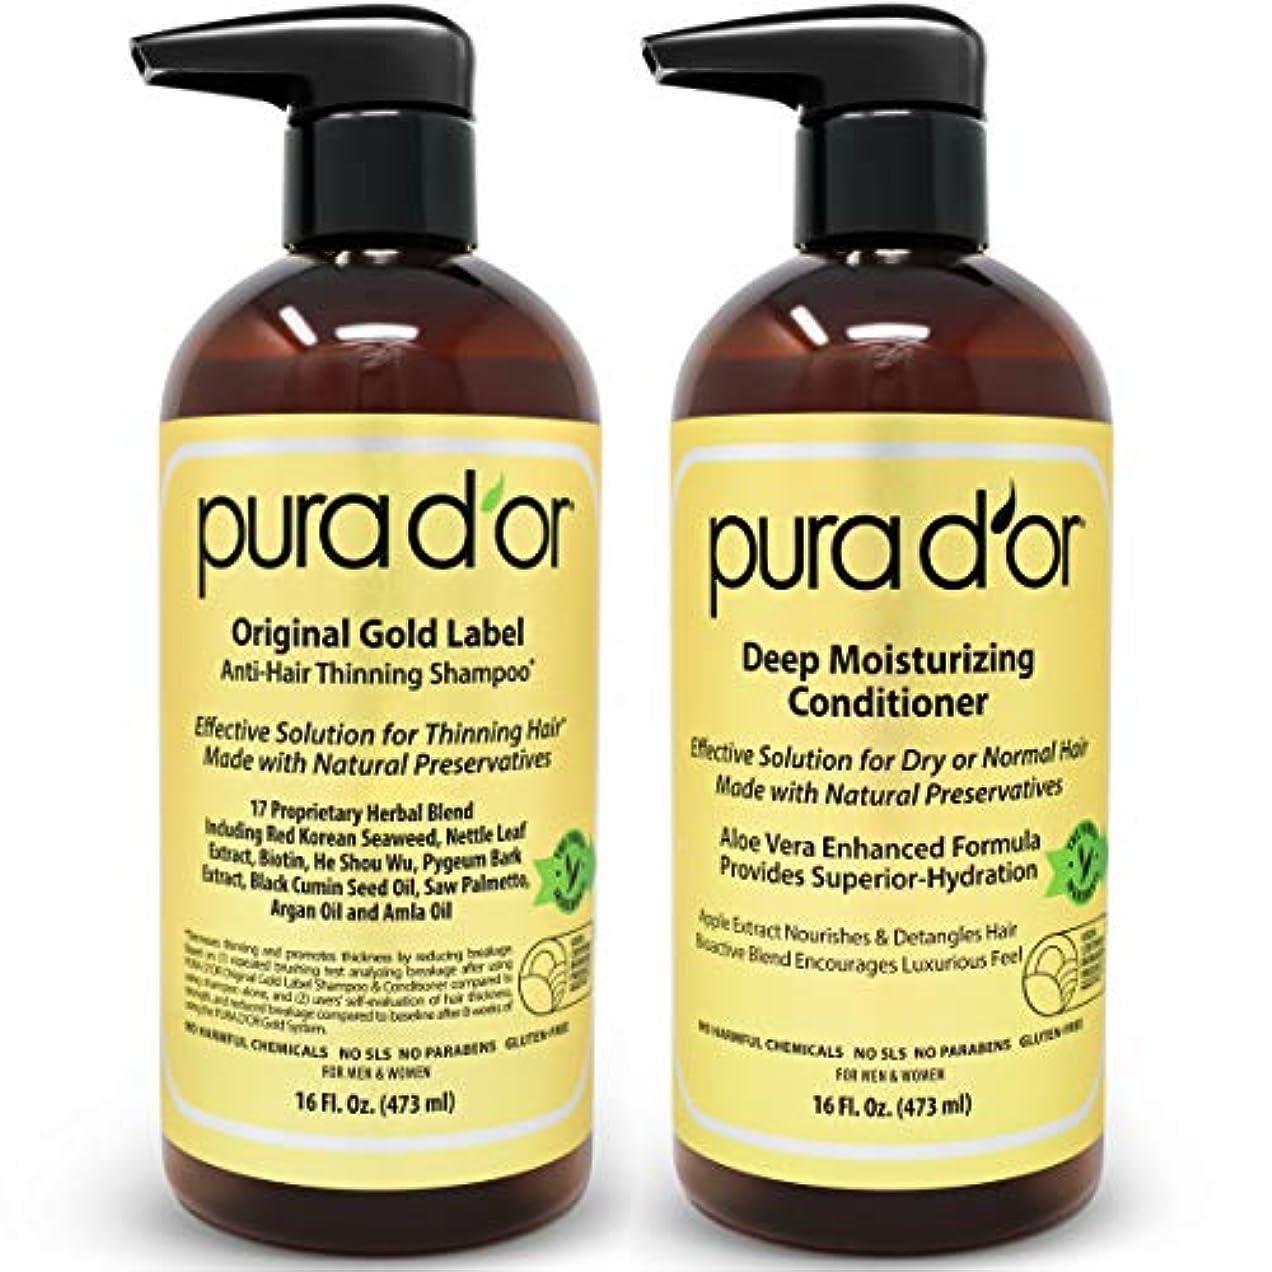 人気乳製品馬鹿PURA D'OR オリジナル ゴールド ラベル 薄毛予防用 -臨床実験済み -アルガンオイル、ビオチン、天然原料、硫酸系化合物不使用、全髪タイプに、男性&女性用(パッケージは異なる場合があります) シャンプー&コンディショナー